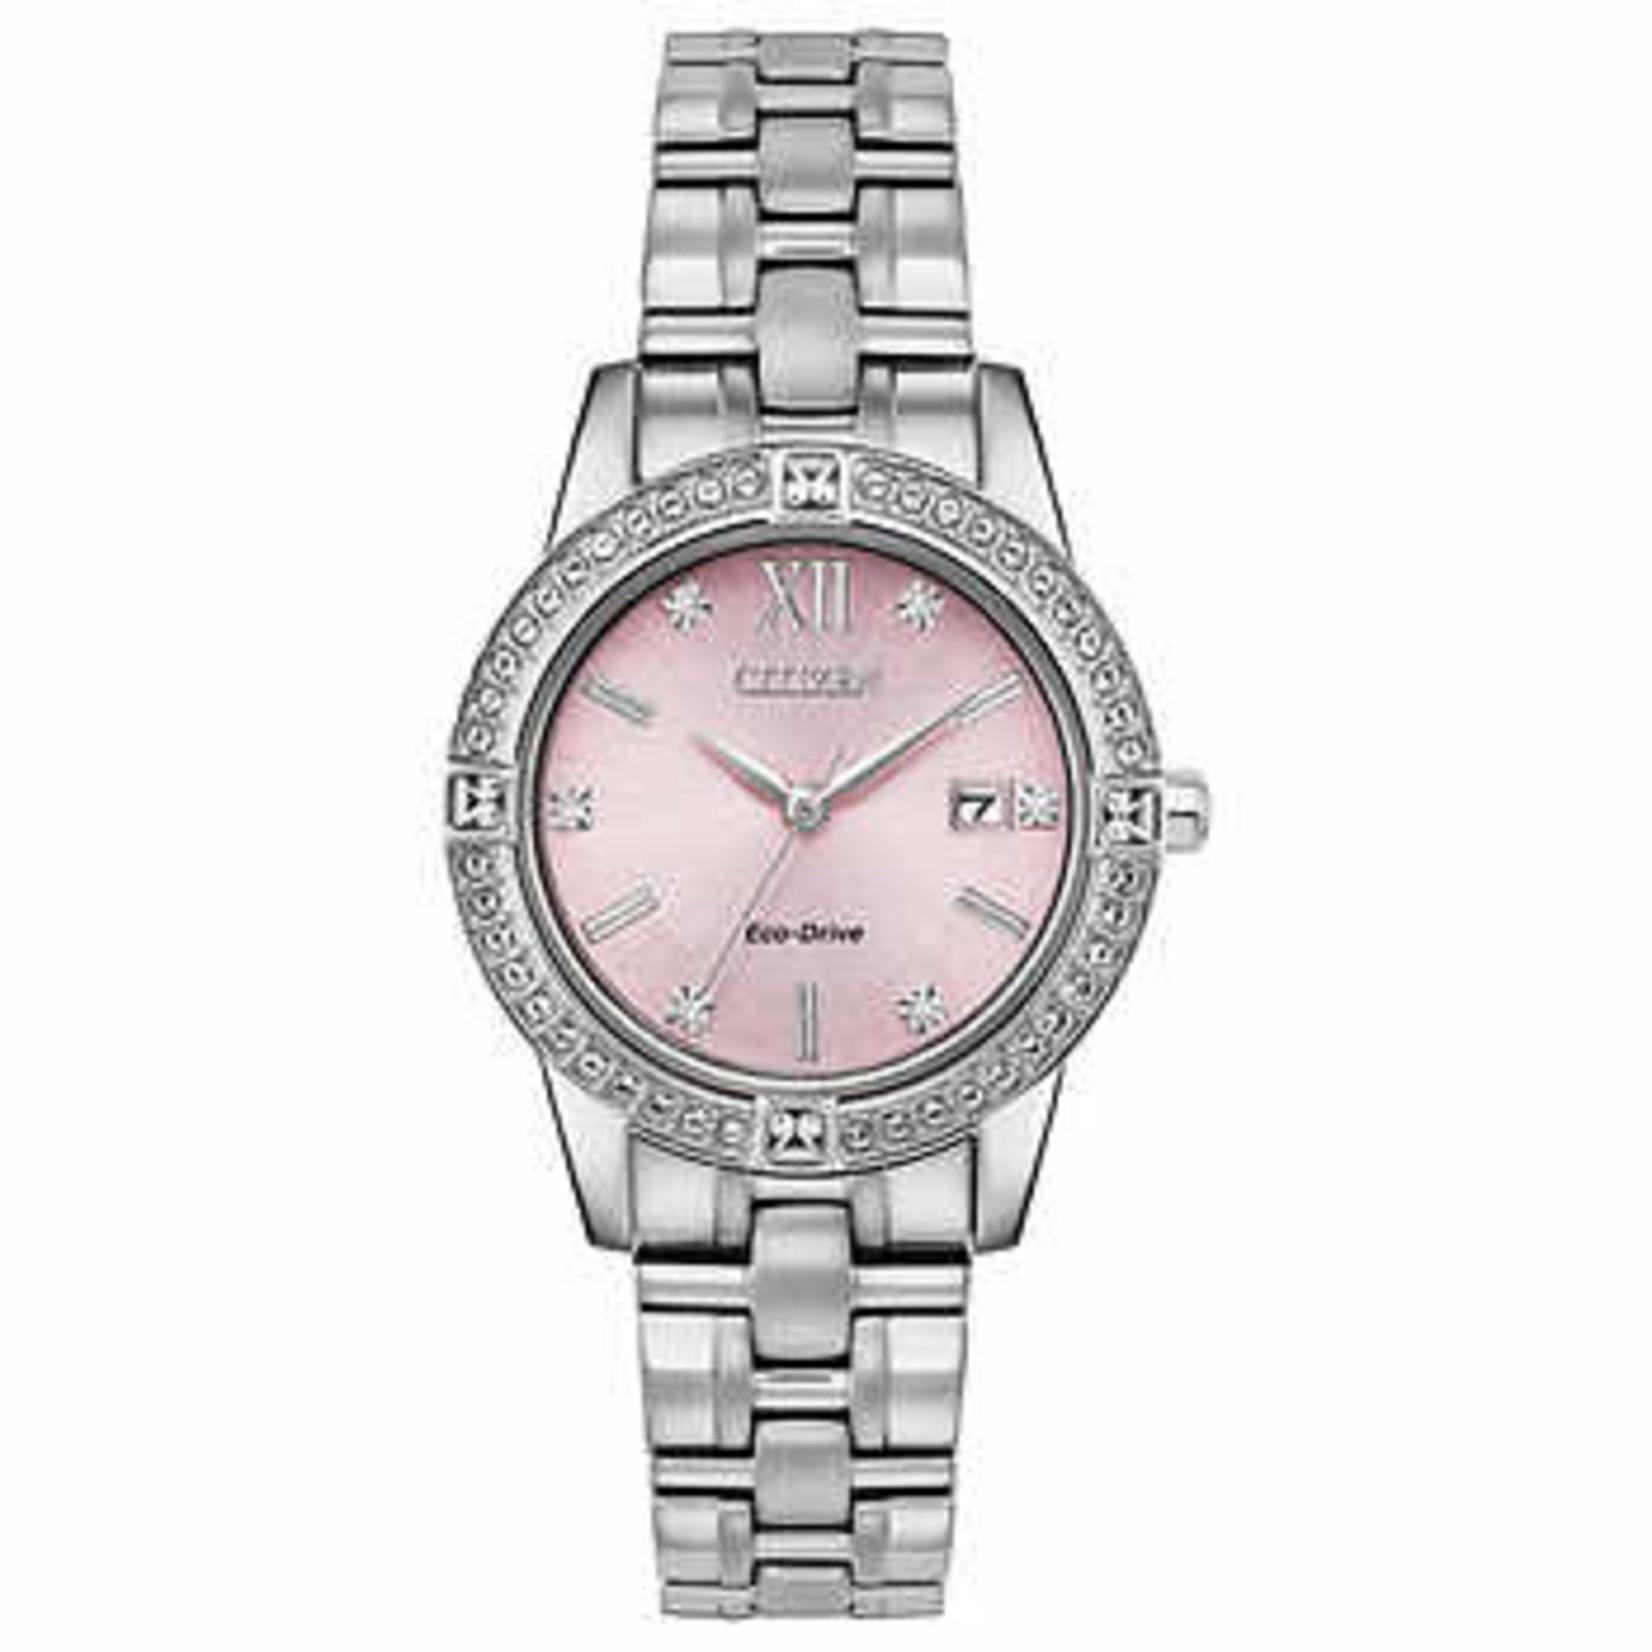 Citizen Ladies Pink Dial Watch